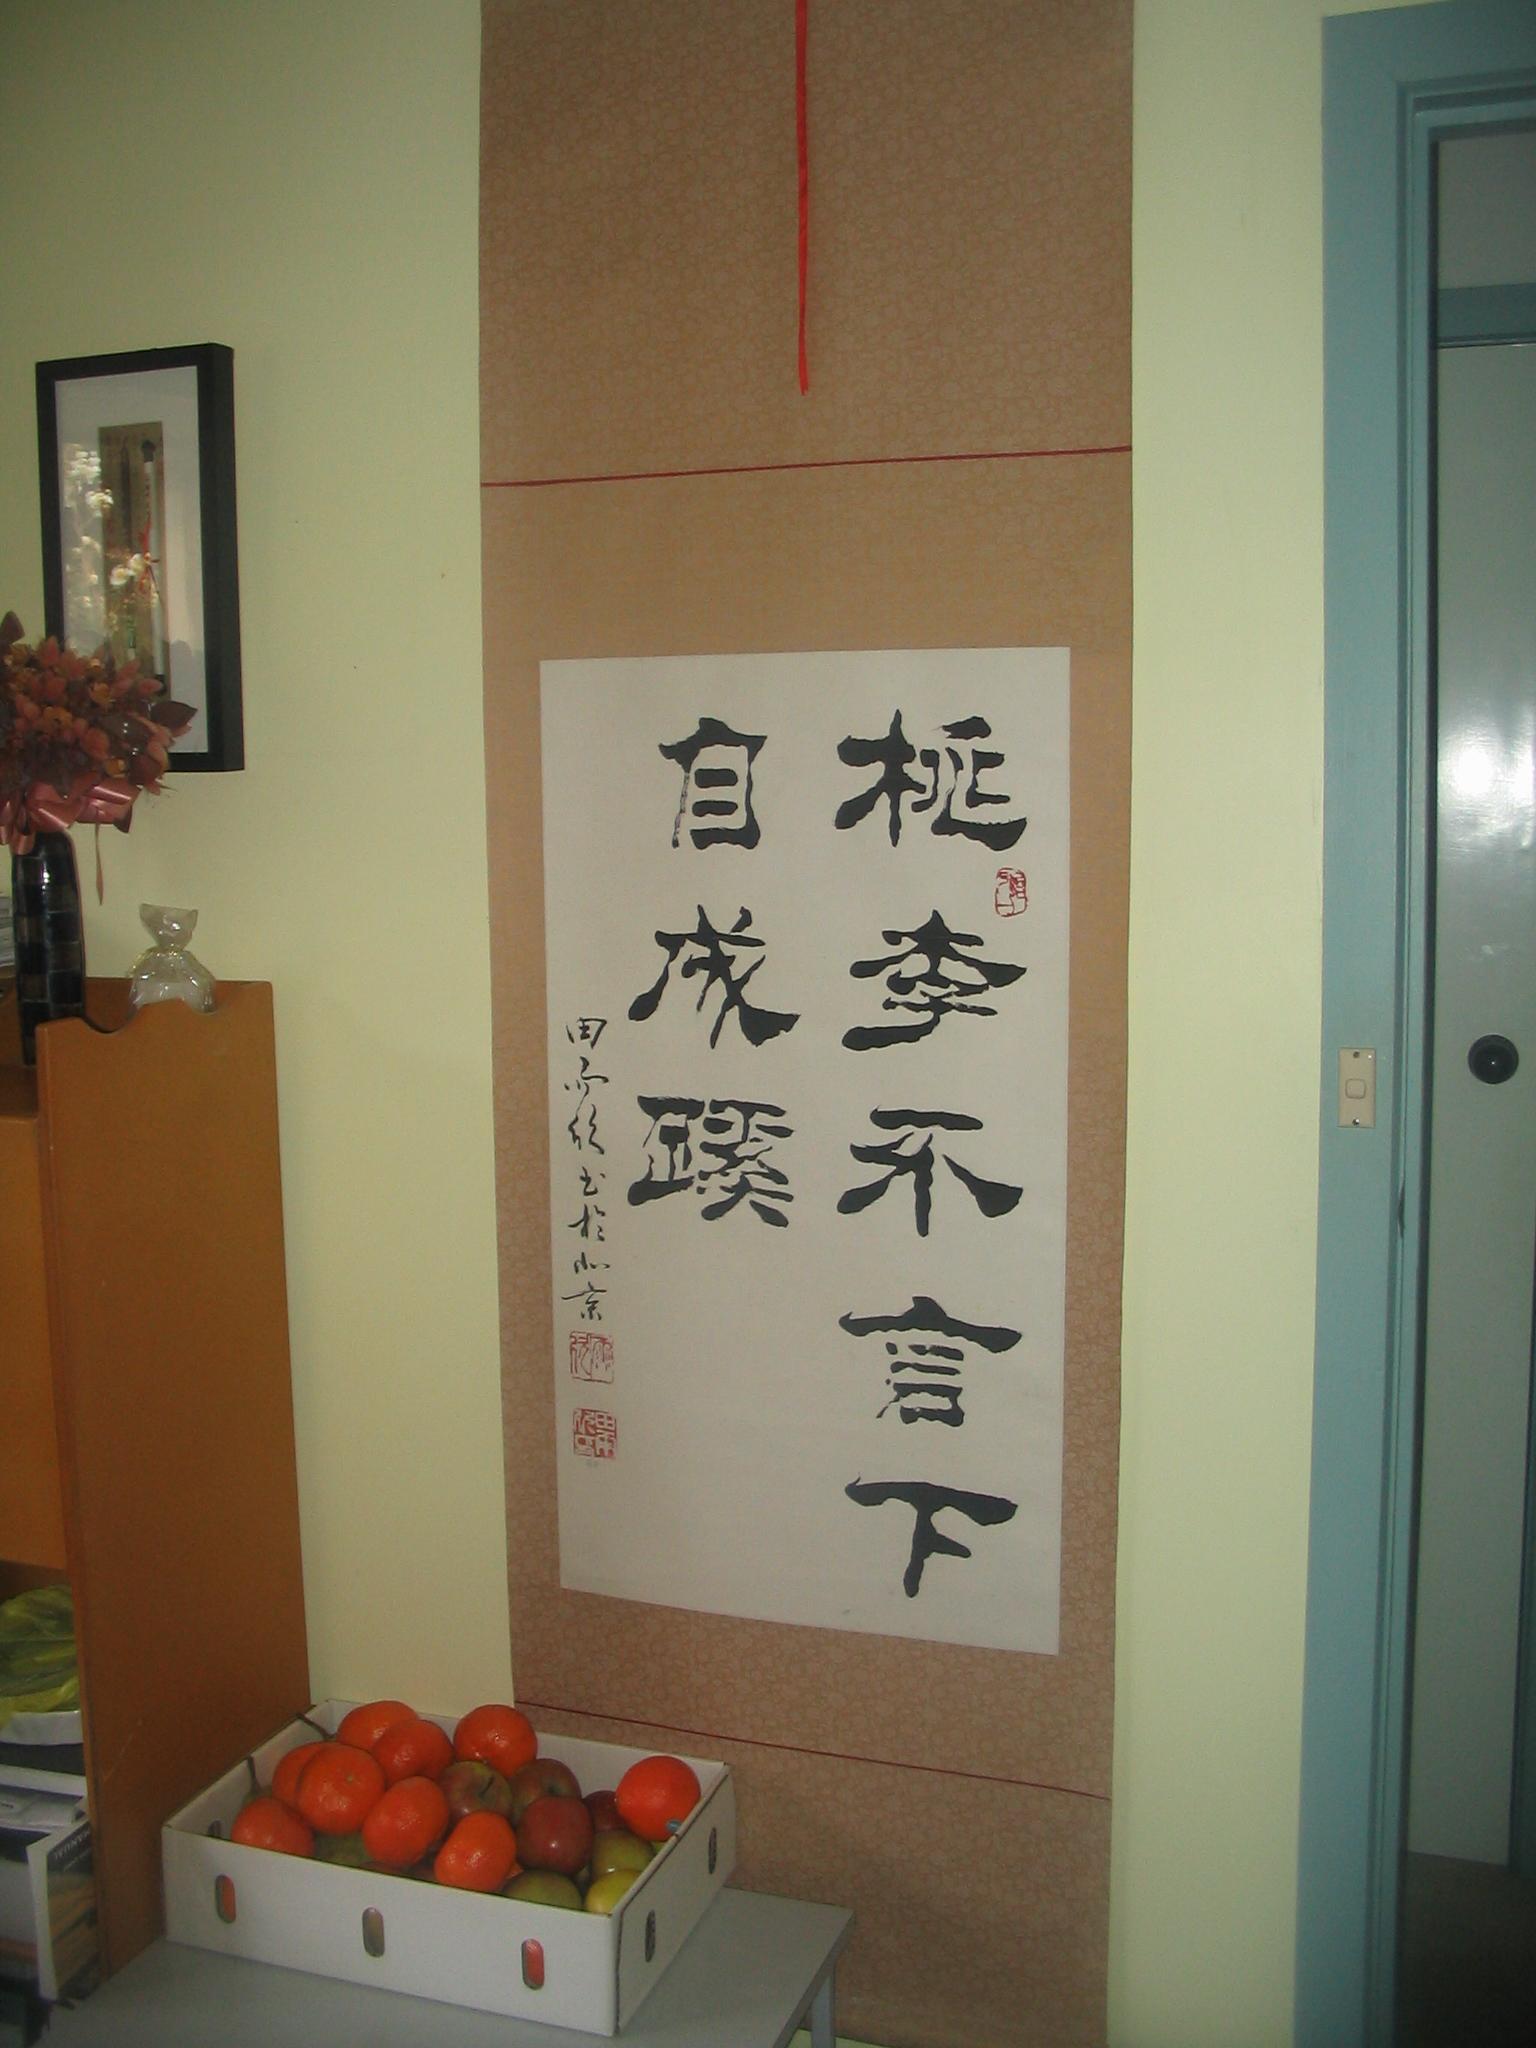 בתים של מהגרים מסין במלבורן. פנים הבית משקף זהות אתנית בעוד החזית החיצונית אינה משקפת זהות זו (צילום: איריס לוין)